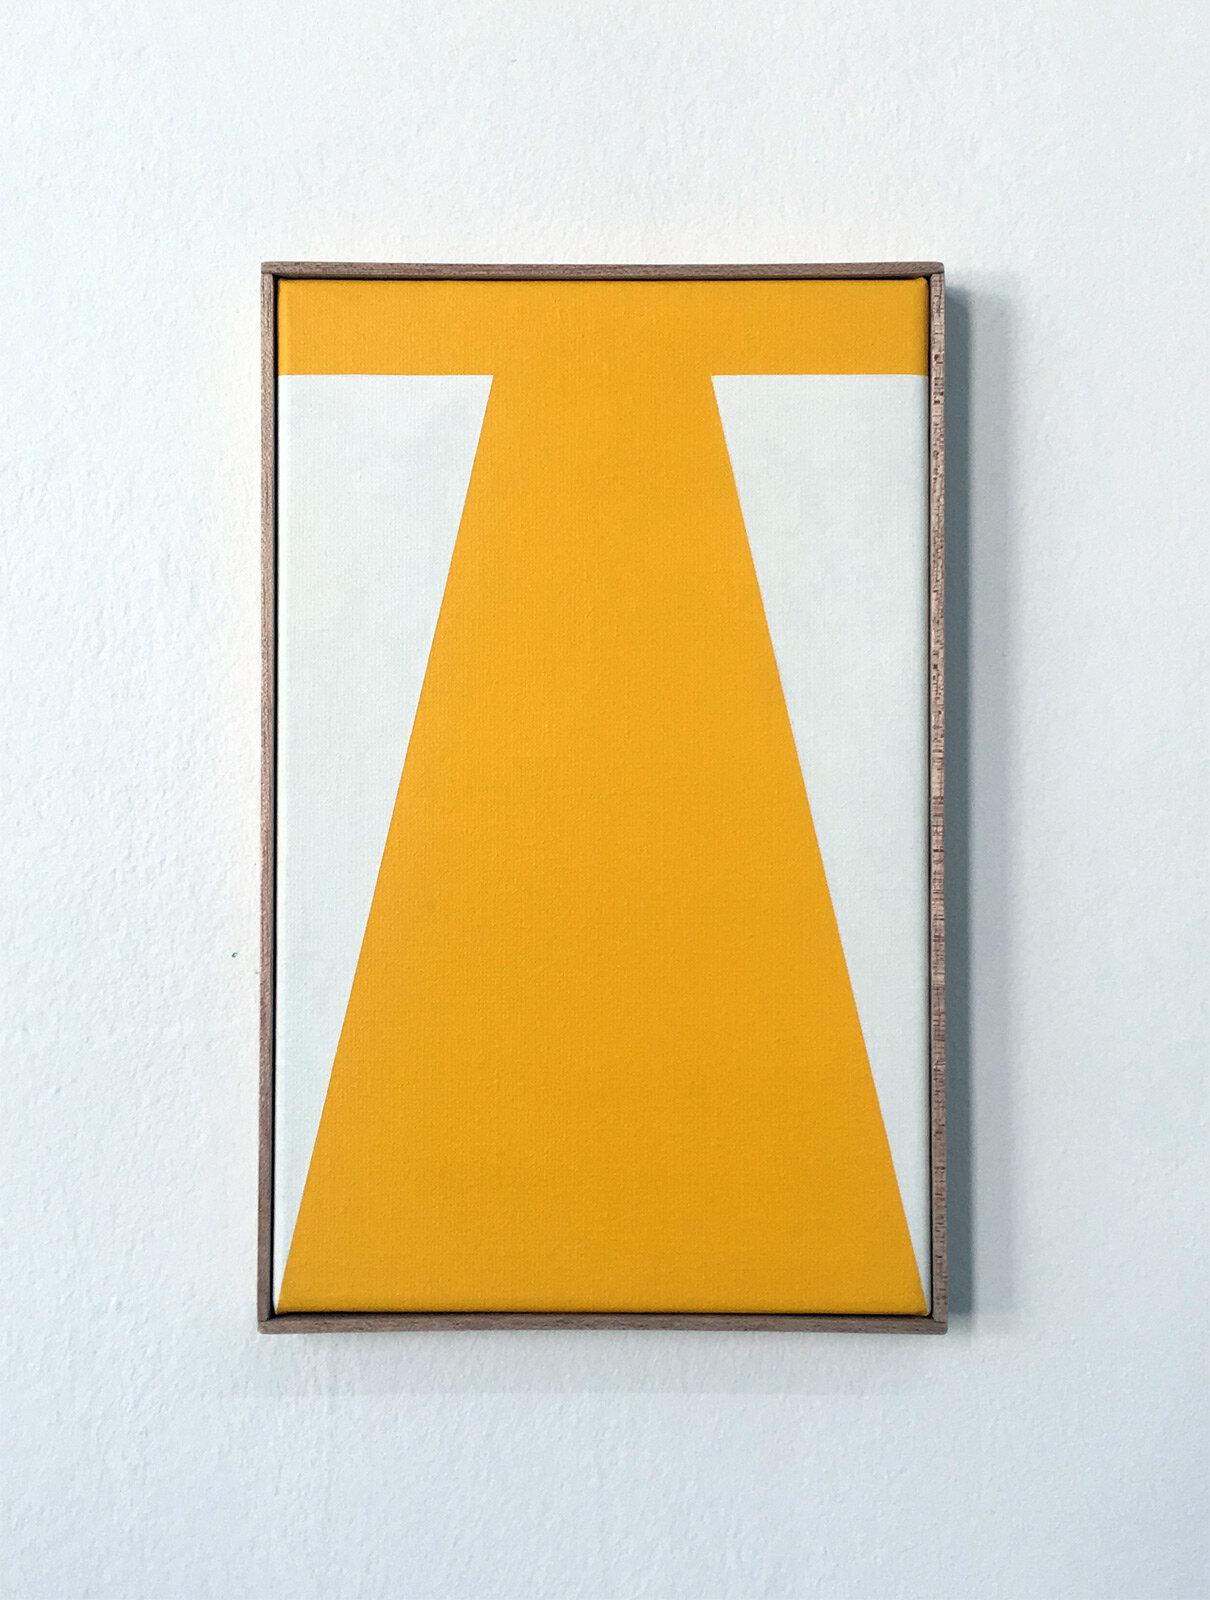 Yippee   21 x 33 cm Acrylic on canvas